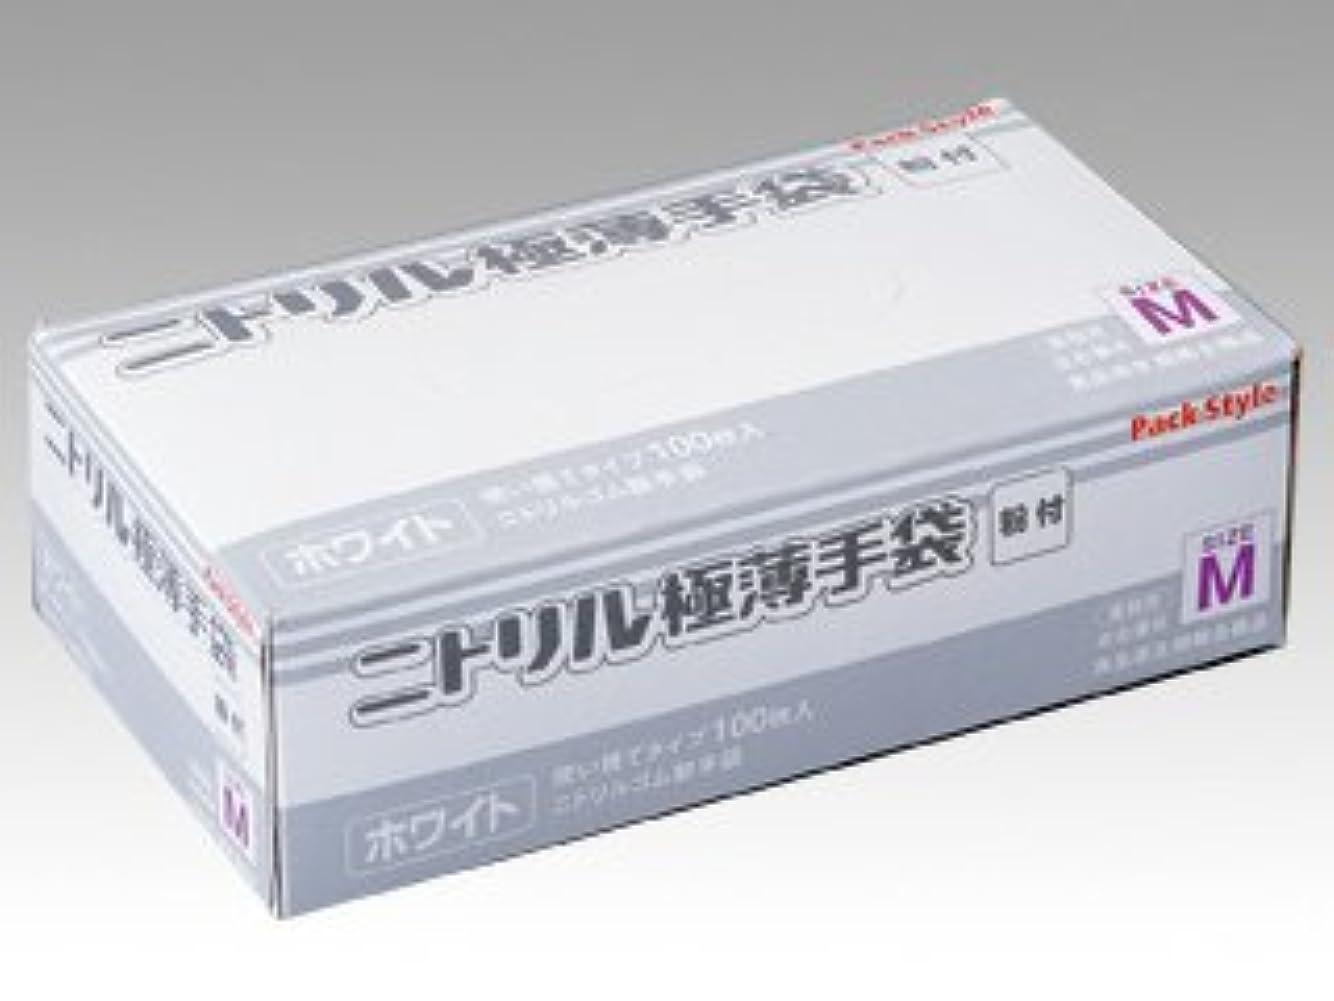 レタス悲しい走る【PackStyle】ニトリル手袋 粉付 白 M